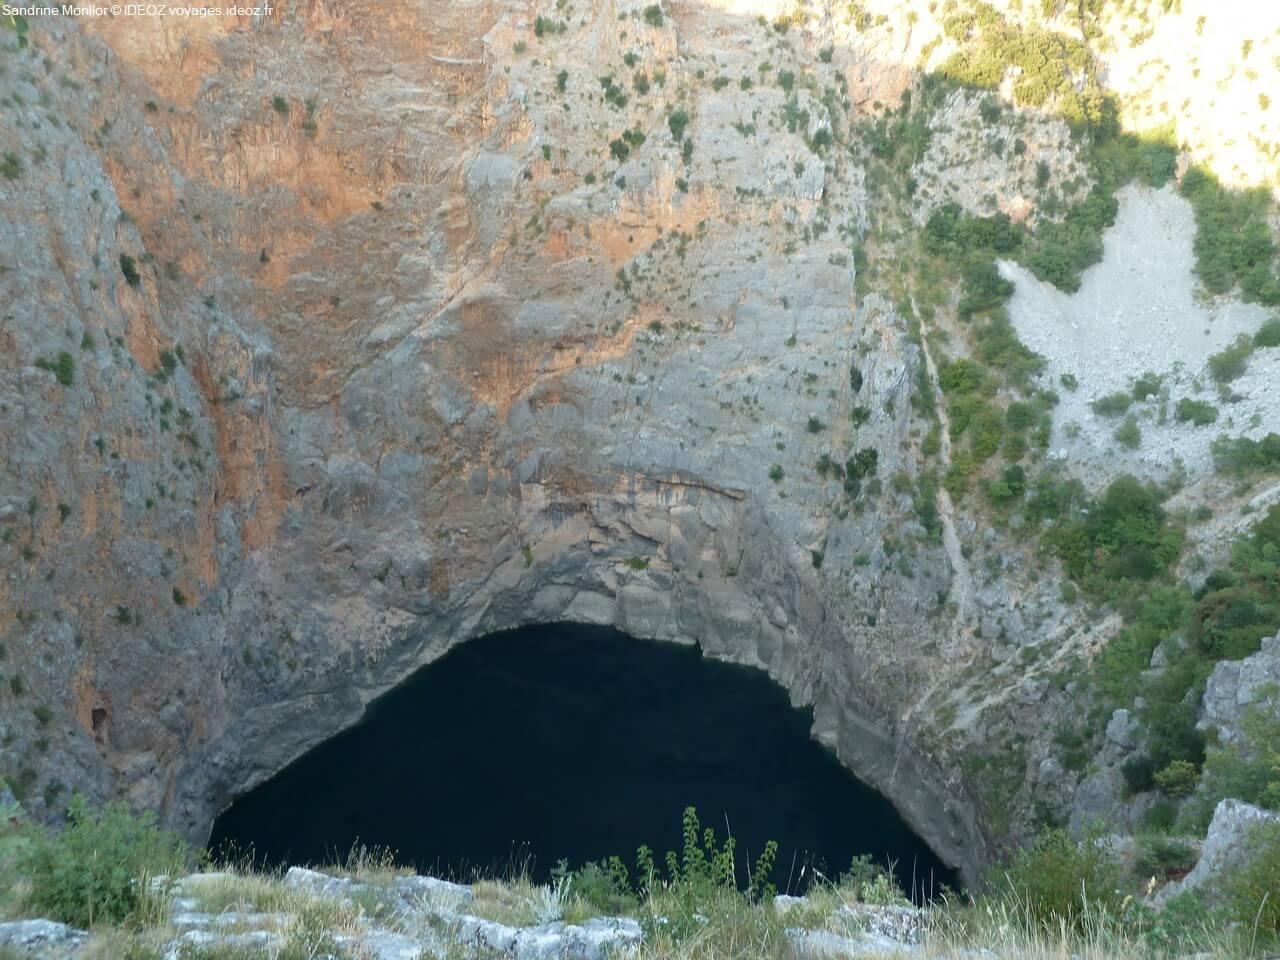 Curiosités en Croatie et sites insolites ; transformez votre visite en expérience! 6